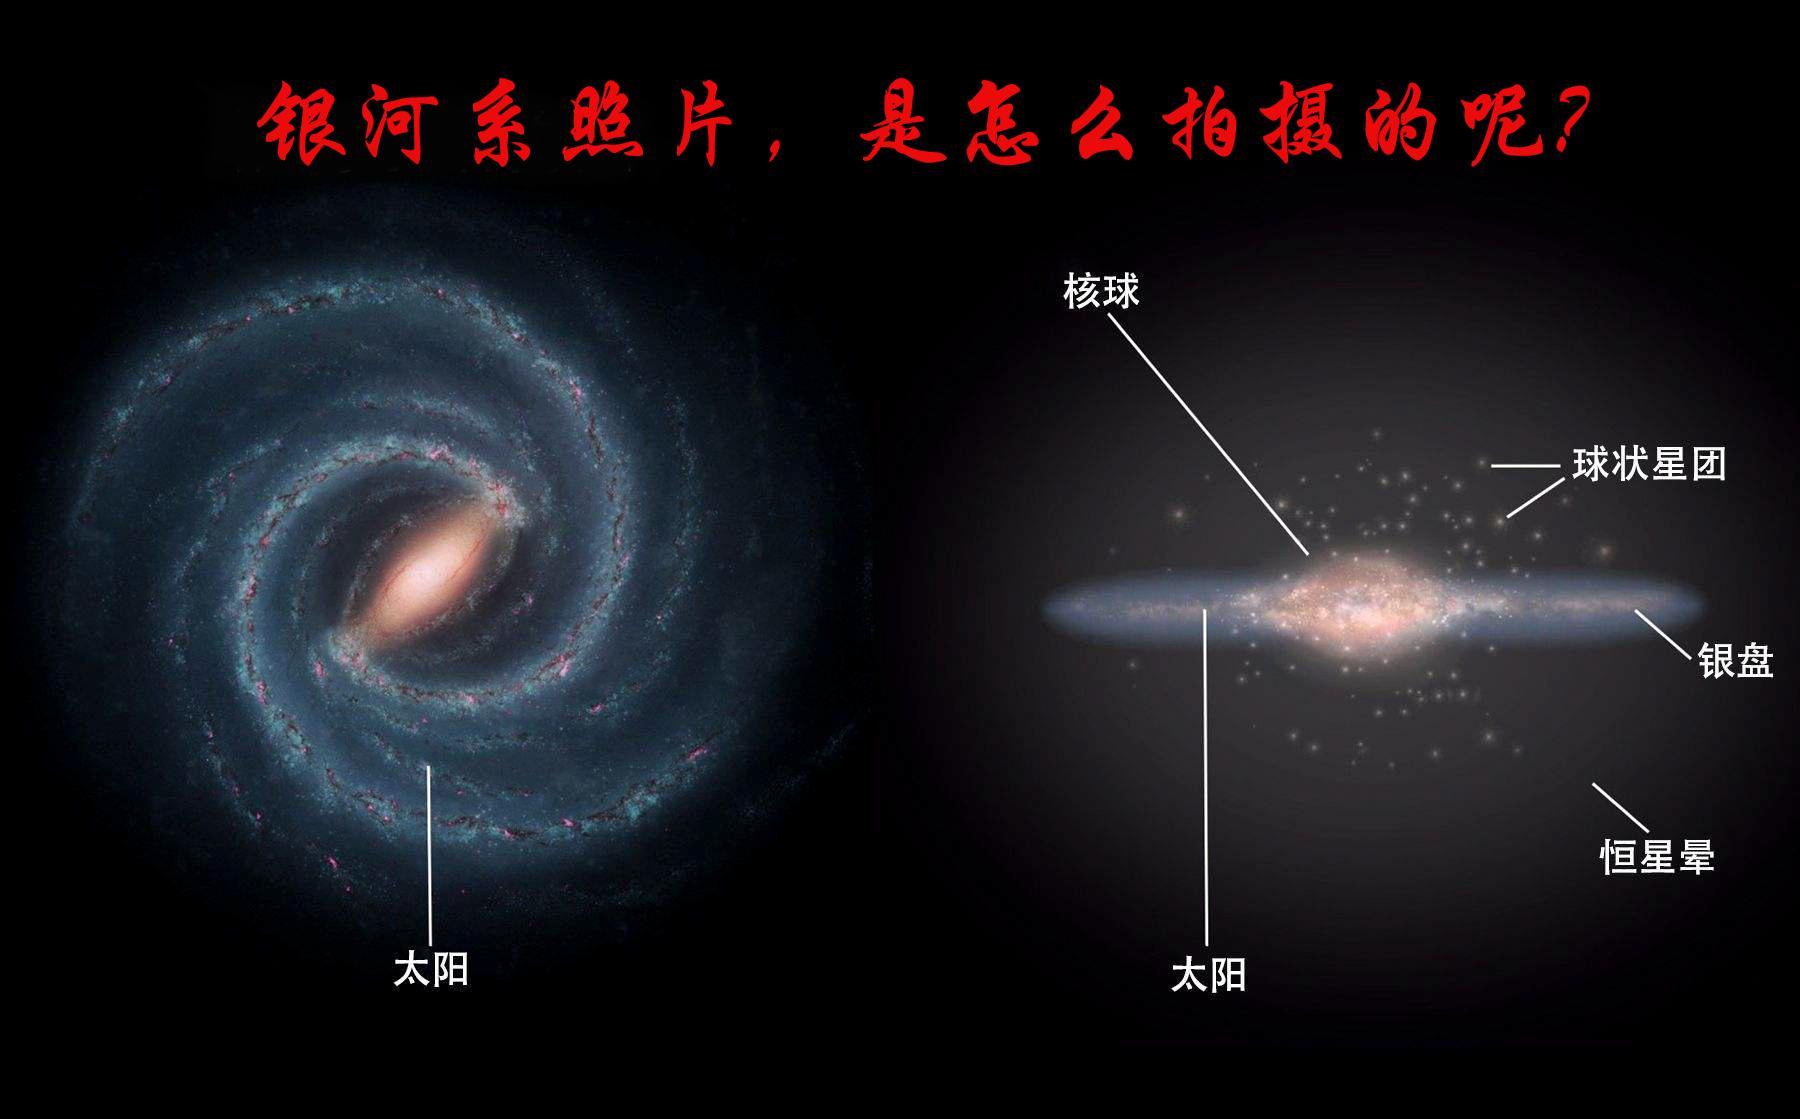 2.6万光年外,银河系中心传来神秘信号,外星文明被发现了?